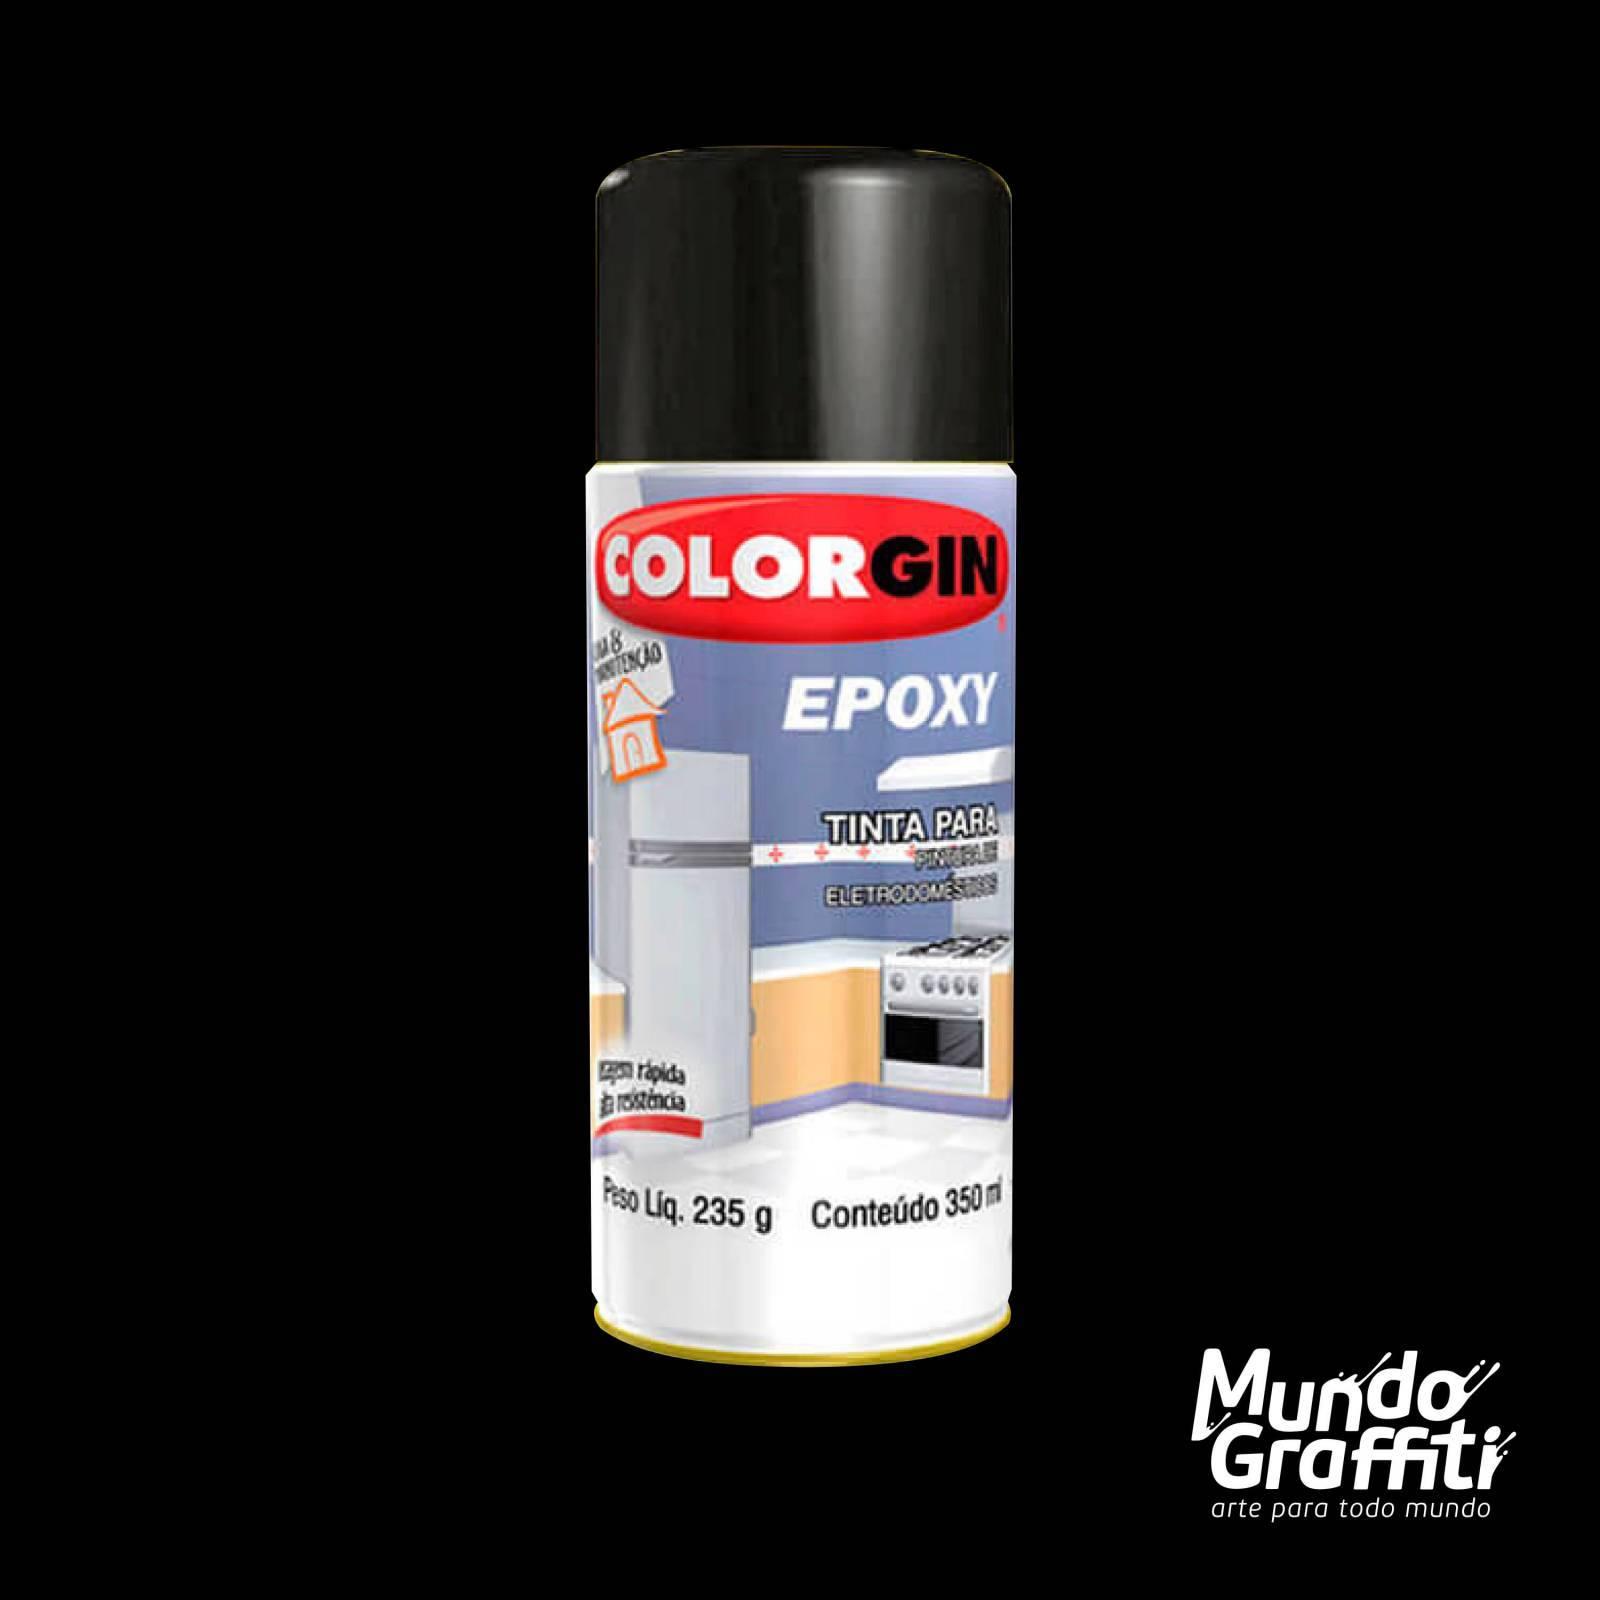 Tinta Spray Colorgin Epoxy 853 Preto Brilhante 350ml - Mundo Graffiti